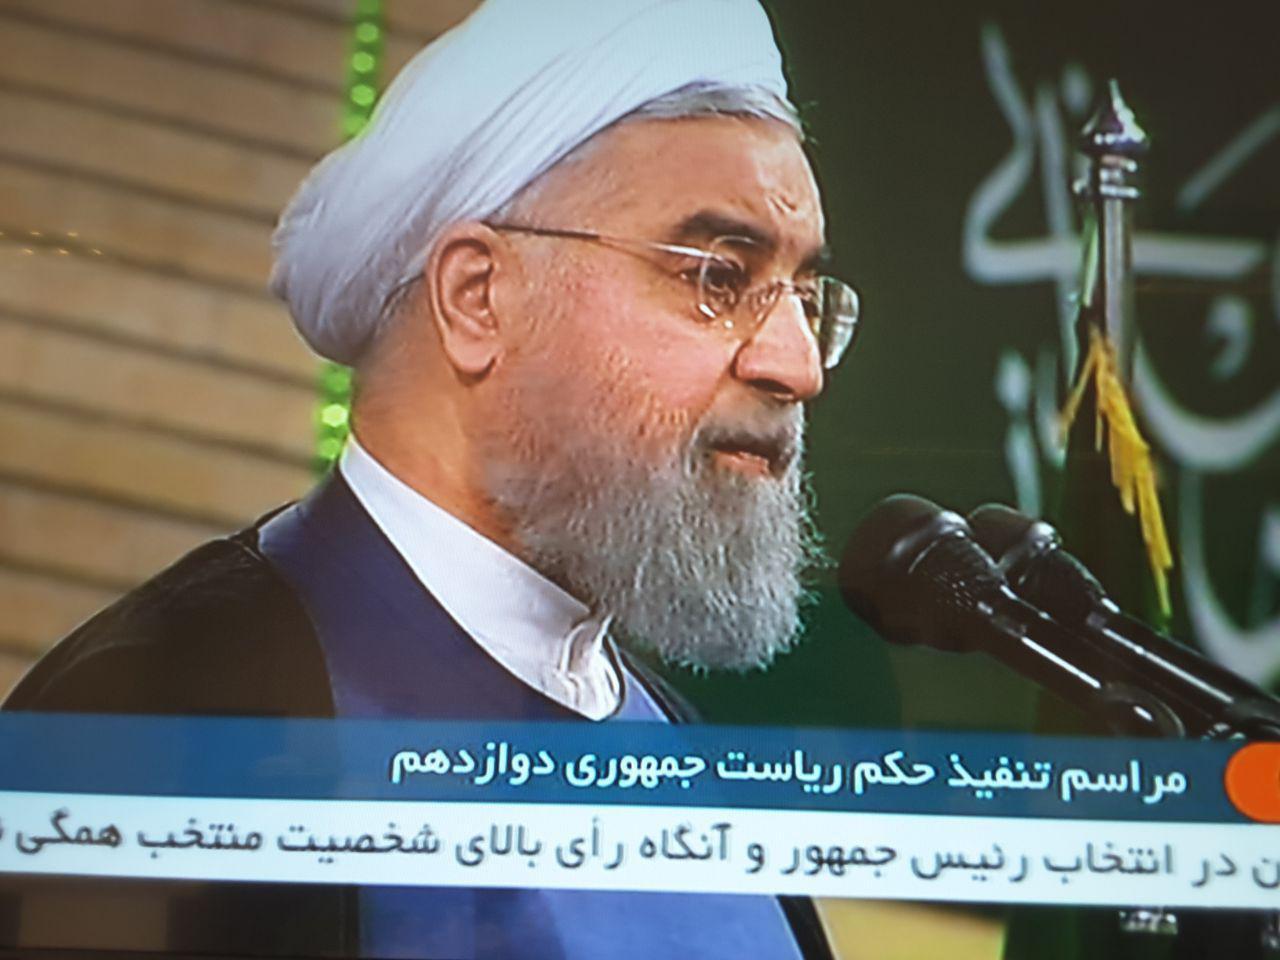 روحاني: امروز آغاز فصل همدلی است، دستانم را به سوی دوستداران عظمت ایران دراز می کنم